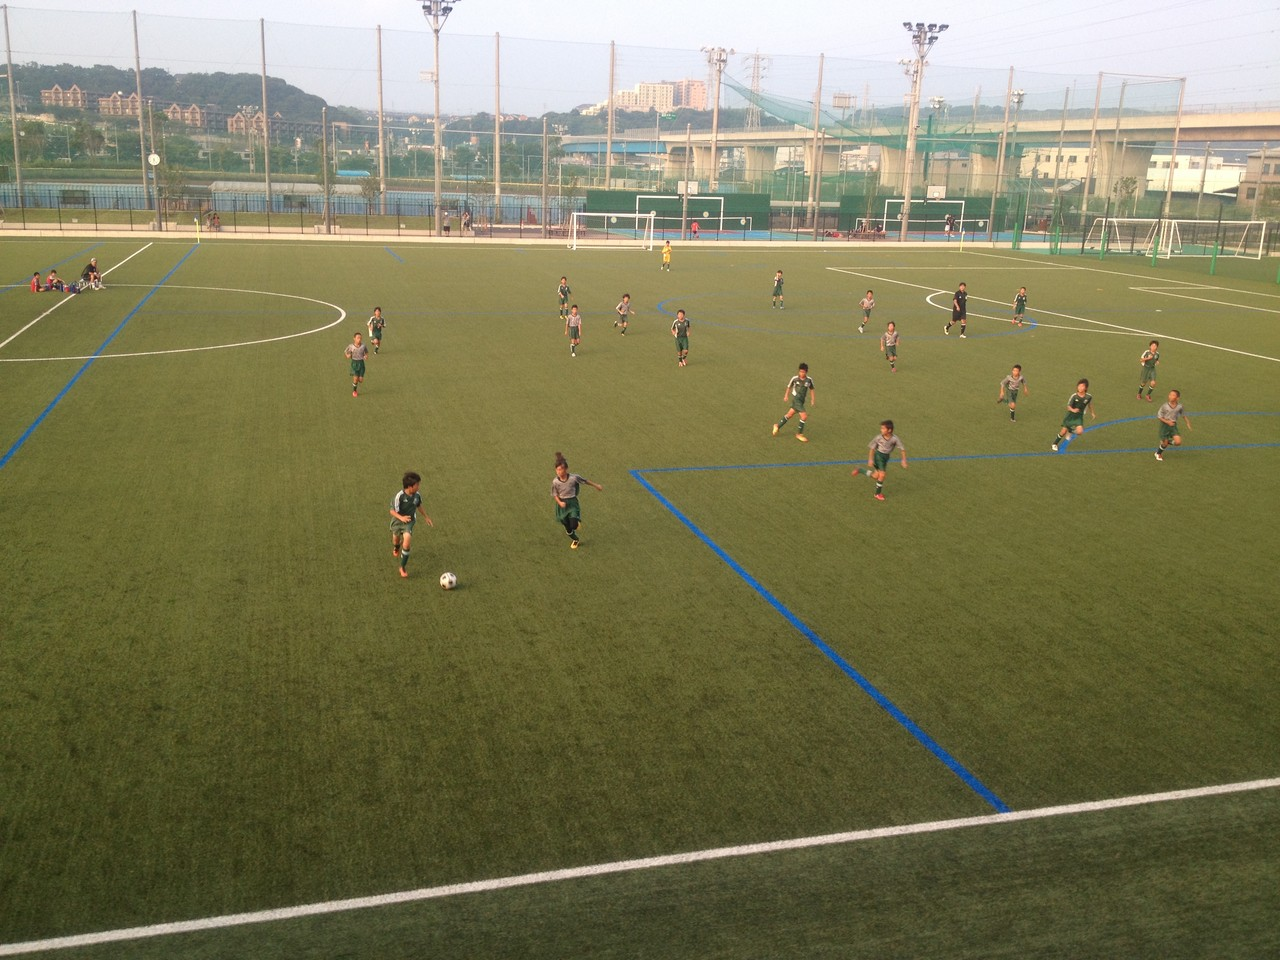 シーガルズ杯 U-12 シーガルズトップ vs シーガルズセカンド